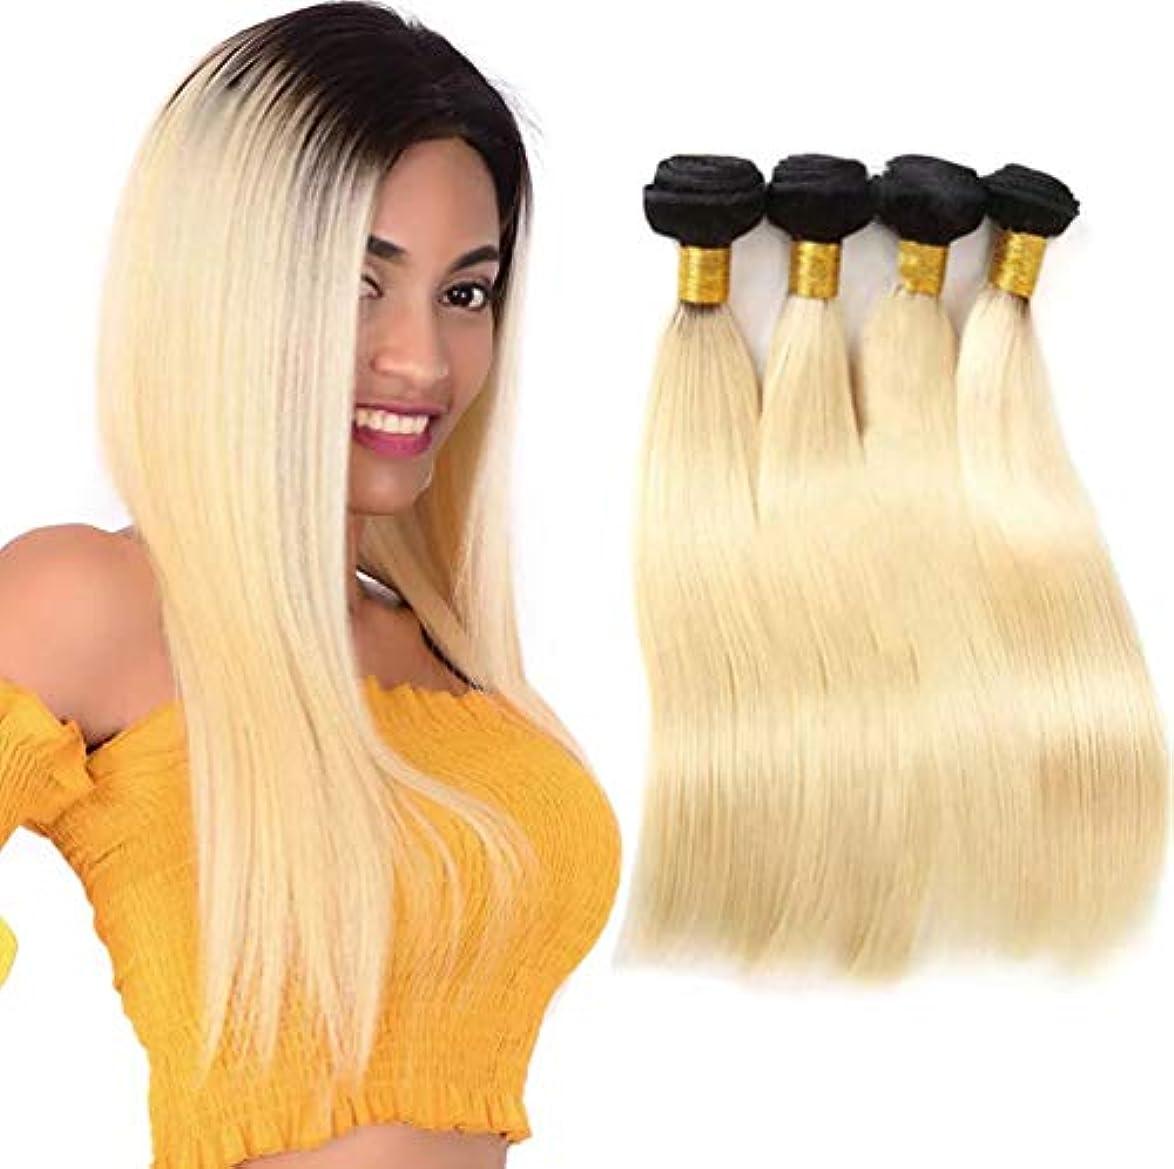 蓋週間花輪女性ブラジル髪織りストレートヘアバンドルブラジル髪人毛バンドルナチュラルカラーグラデーション(3バンドル)